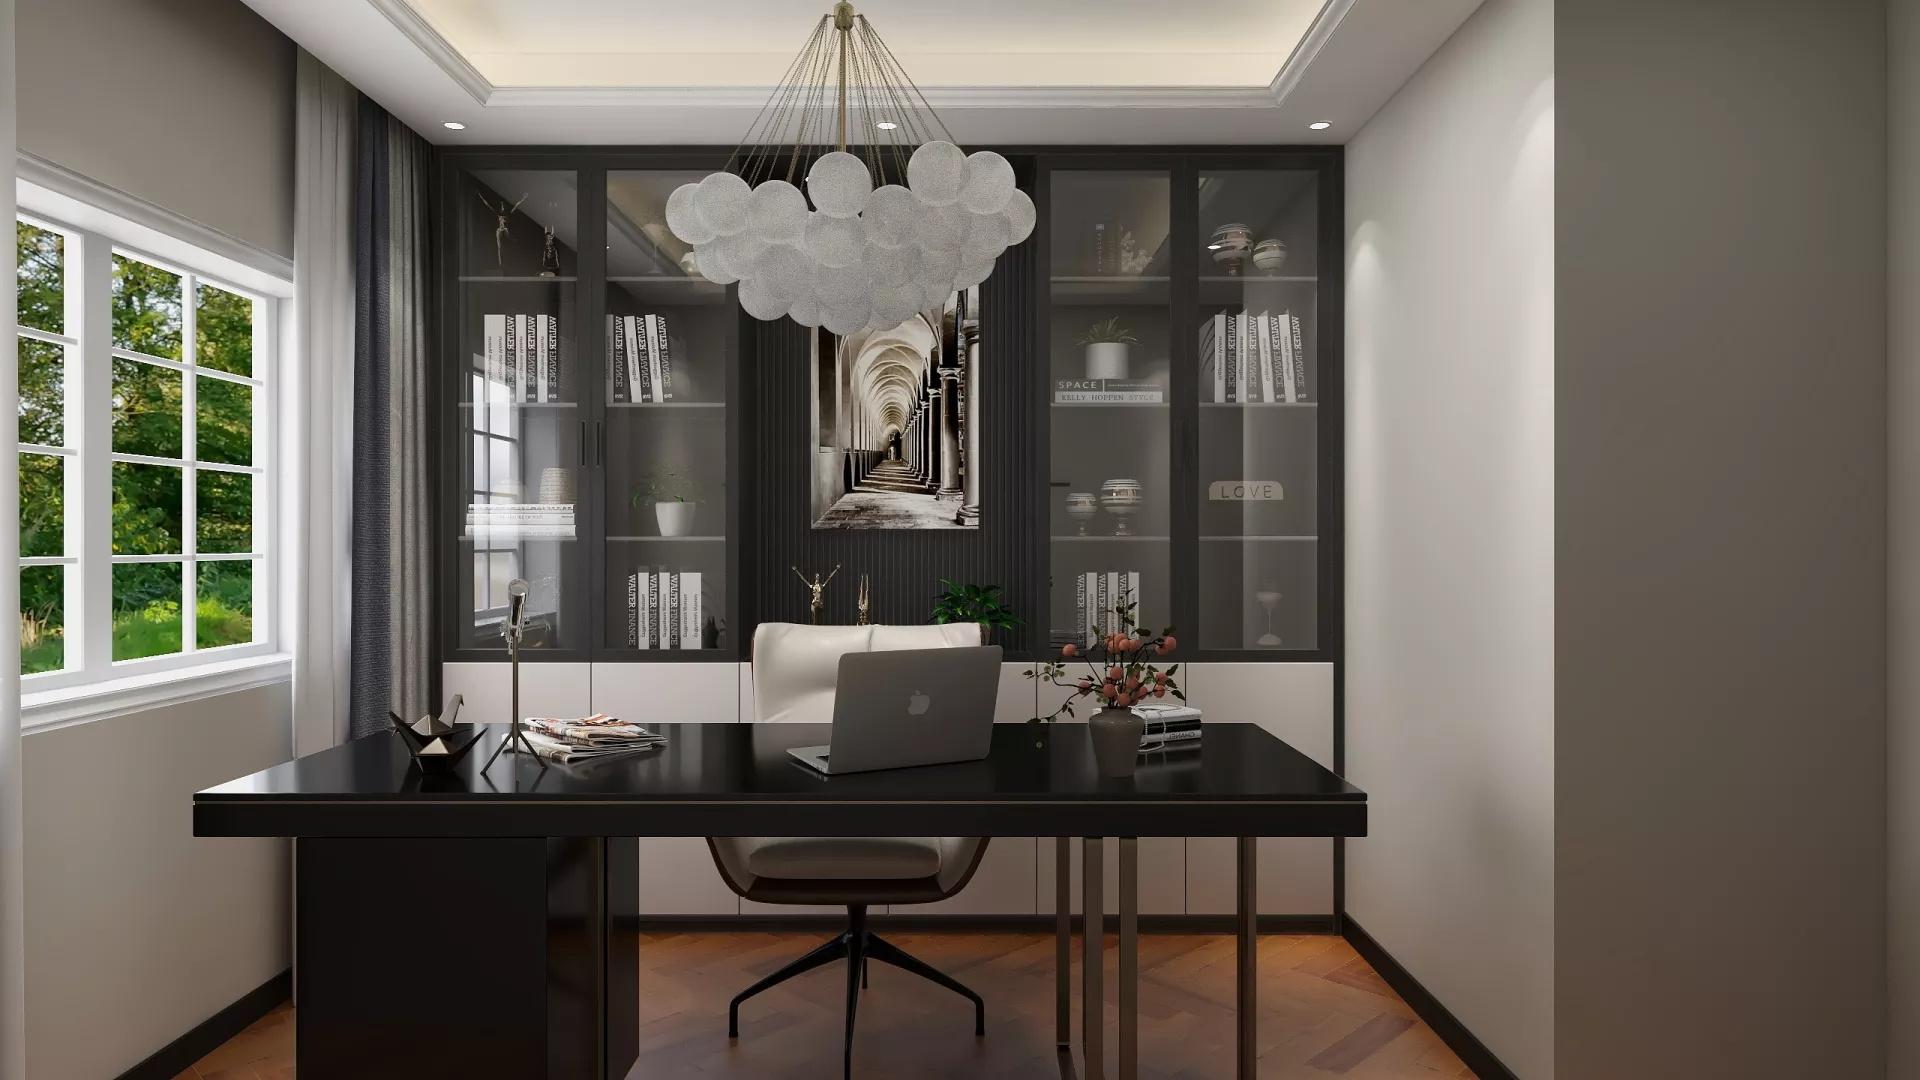 铝天花板怎么样 铝天花板材质档次有哪些